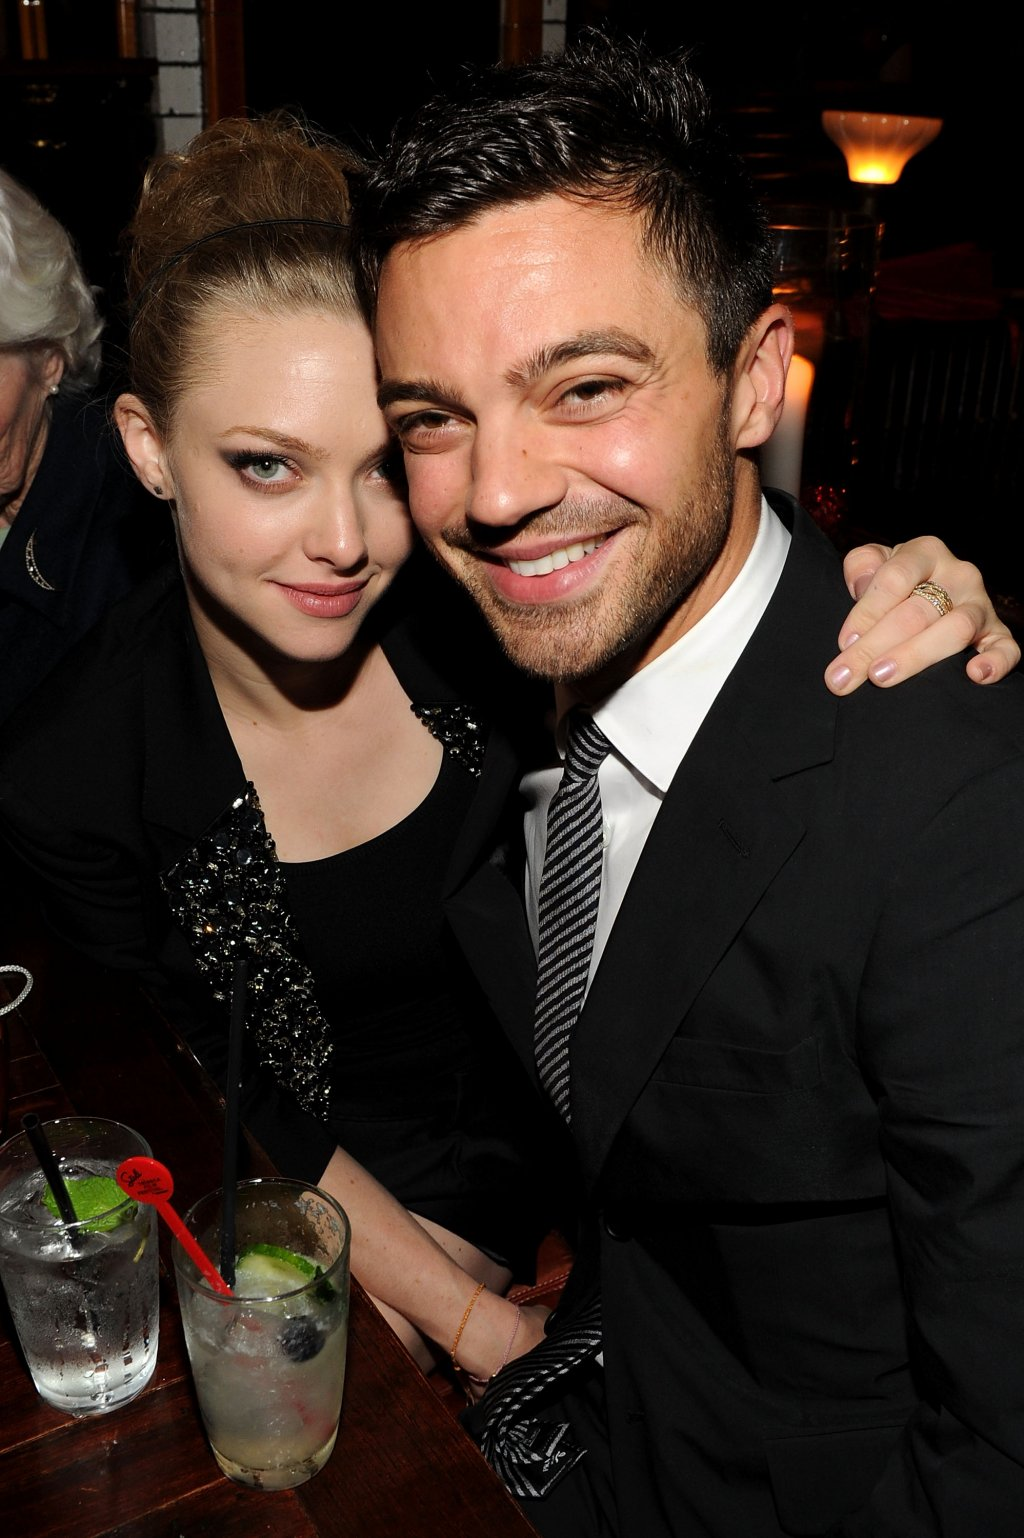 """Аманда Сайфред и Доминик Купър  Първият """"Mamma Mia!"""" събира двамата актьори не само на екрана, но и в реалния живот. Следват три години почти безоблачна любов, а таблоидите непрекъснато сгодяват и женят двойката на страниците си, макар че до такава сериозна стъпка така и не се стига. През 2011 г. Сайфред и Купър окончателно се разделят, а Аманда вече е влюбена в друг.   Актьорите започват съвместна работа през 2018 г., когато става ясно, че ще има """"Mamma Mia! 2"""". Продължението грабва сърцата на феновете, защото Сайфред и Купър изглеждат невероятно на екран и въпреки раздялата, изиграват перфектно ролите си на влюбени гълъбчета."""